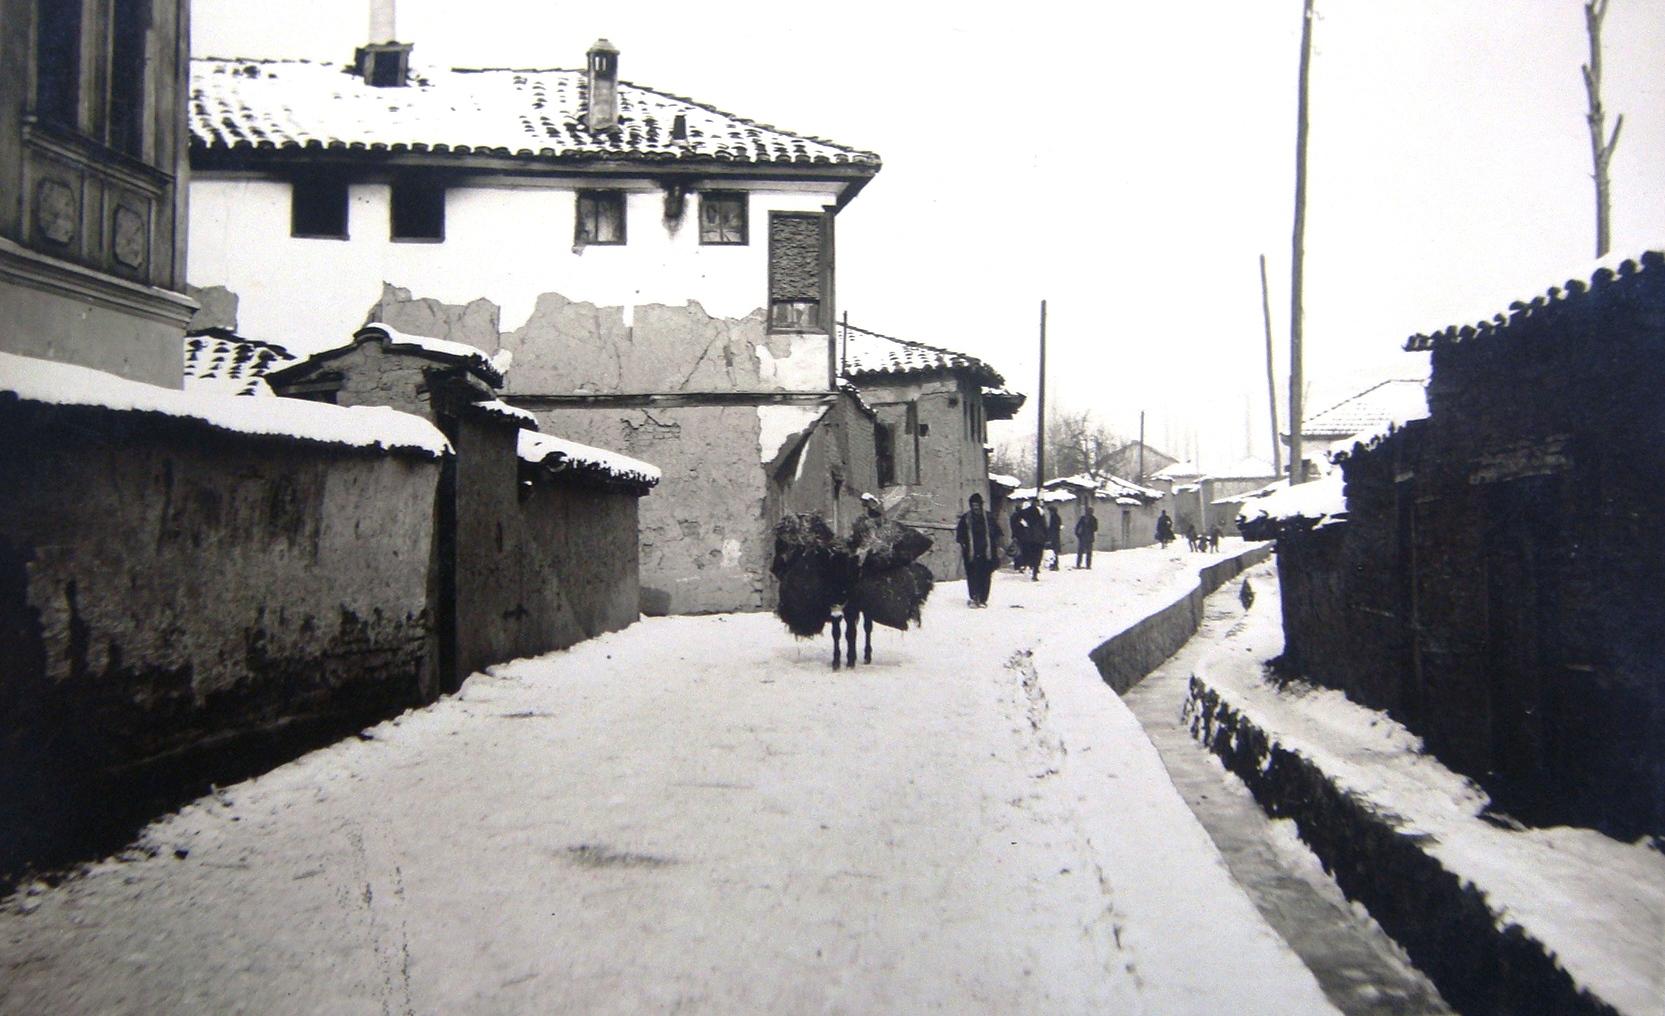 FileDel Od Gradot Skopje 20 Vek